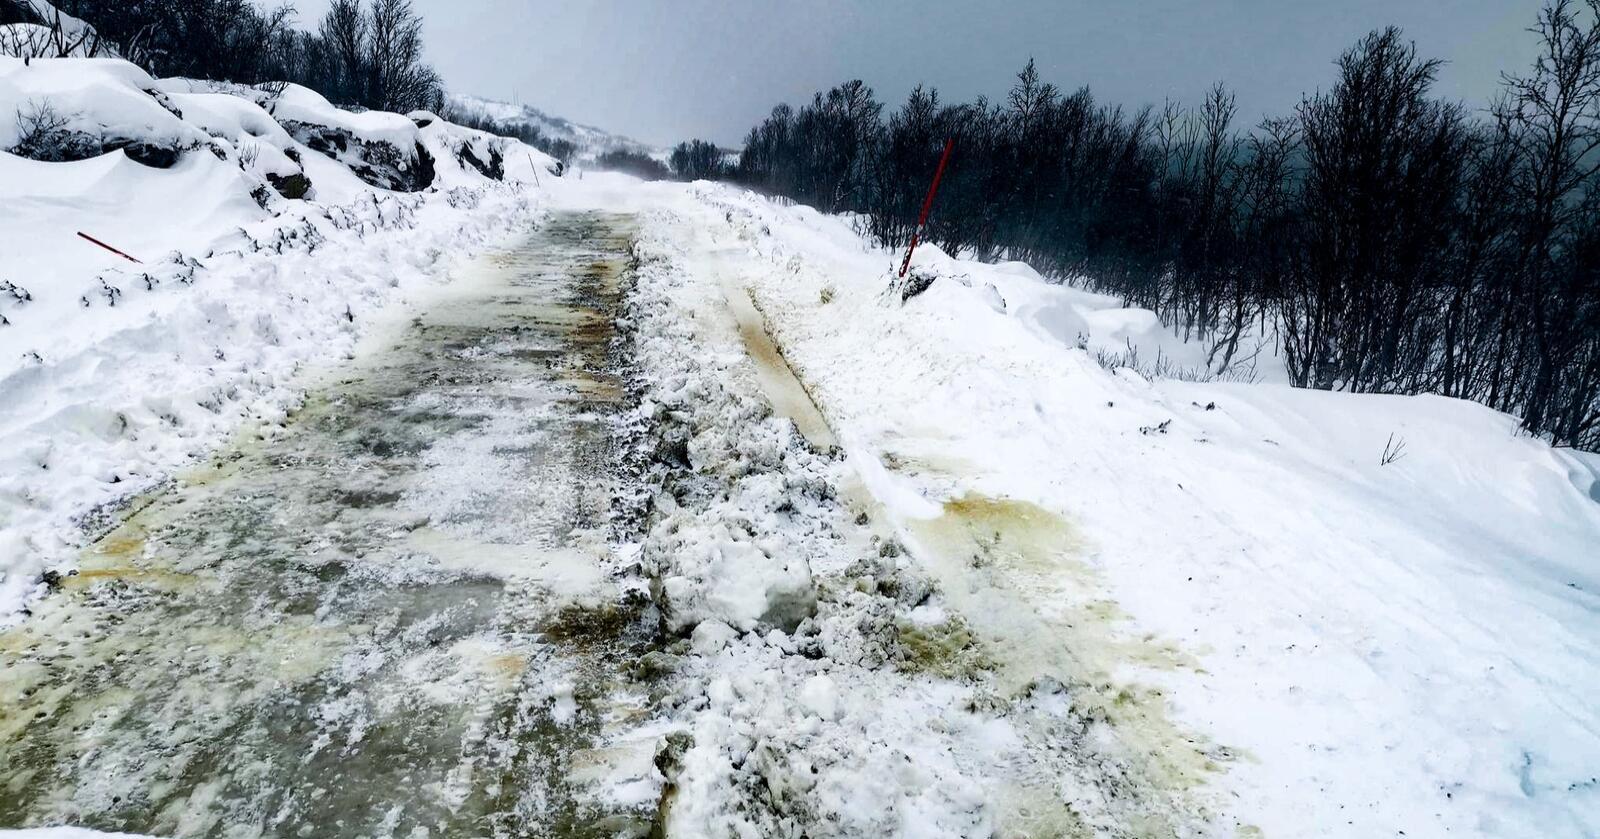 Denne gruslagte fylkesveien på Reinøya i Troms vil koste 40 millioner å asfaltere. Det er 40 prosent av hele Troms sitt veivedlikeholdsbudsjett. Foto: Elisabeth Johansen